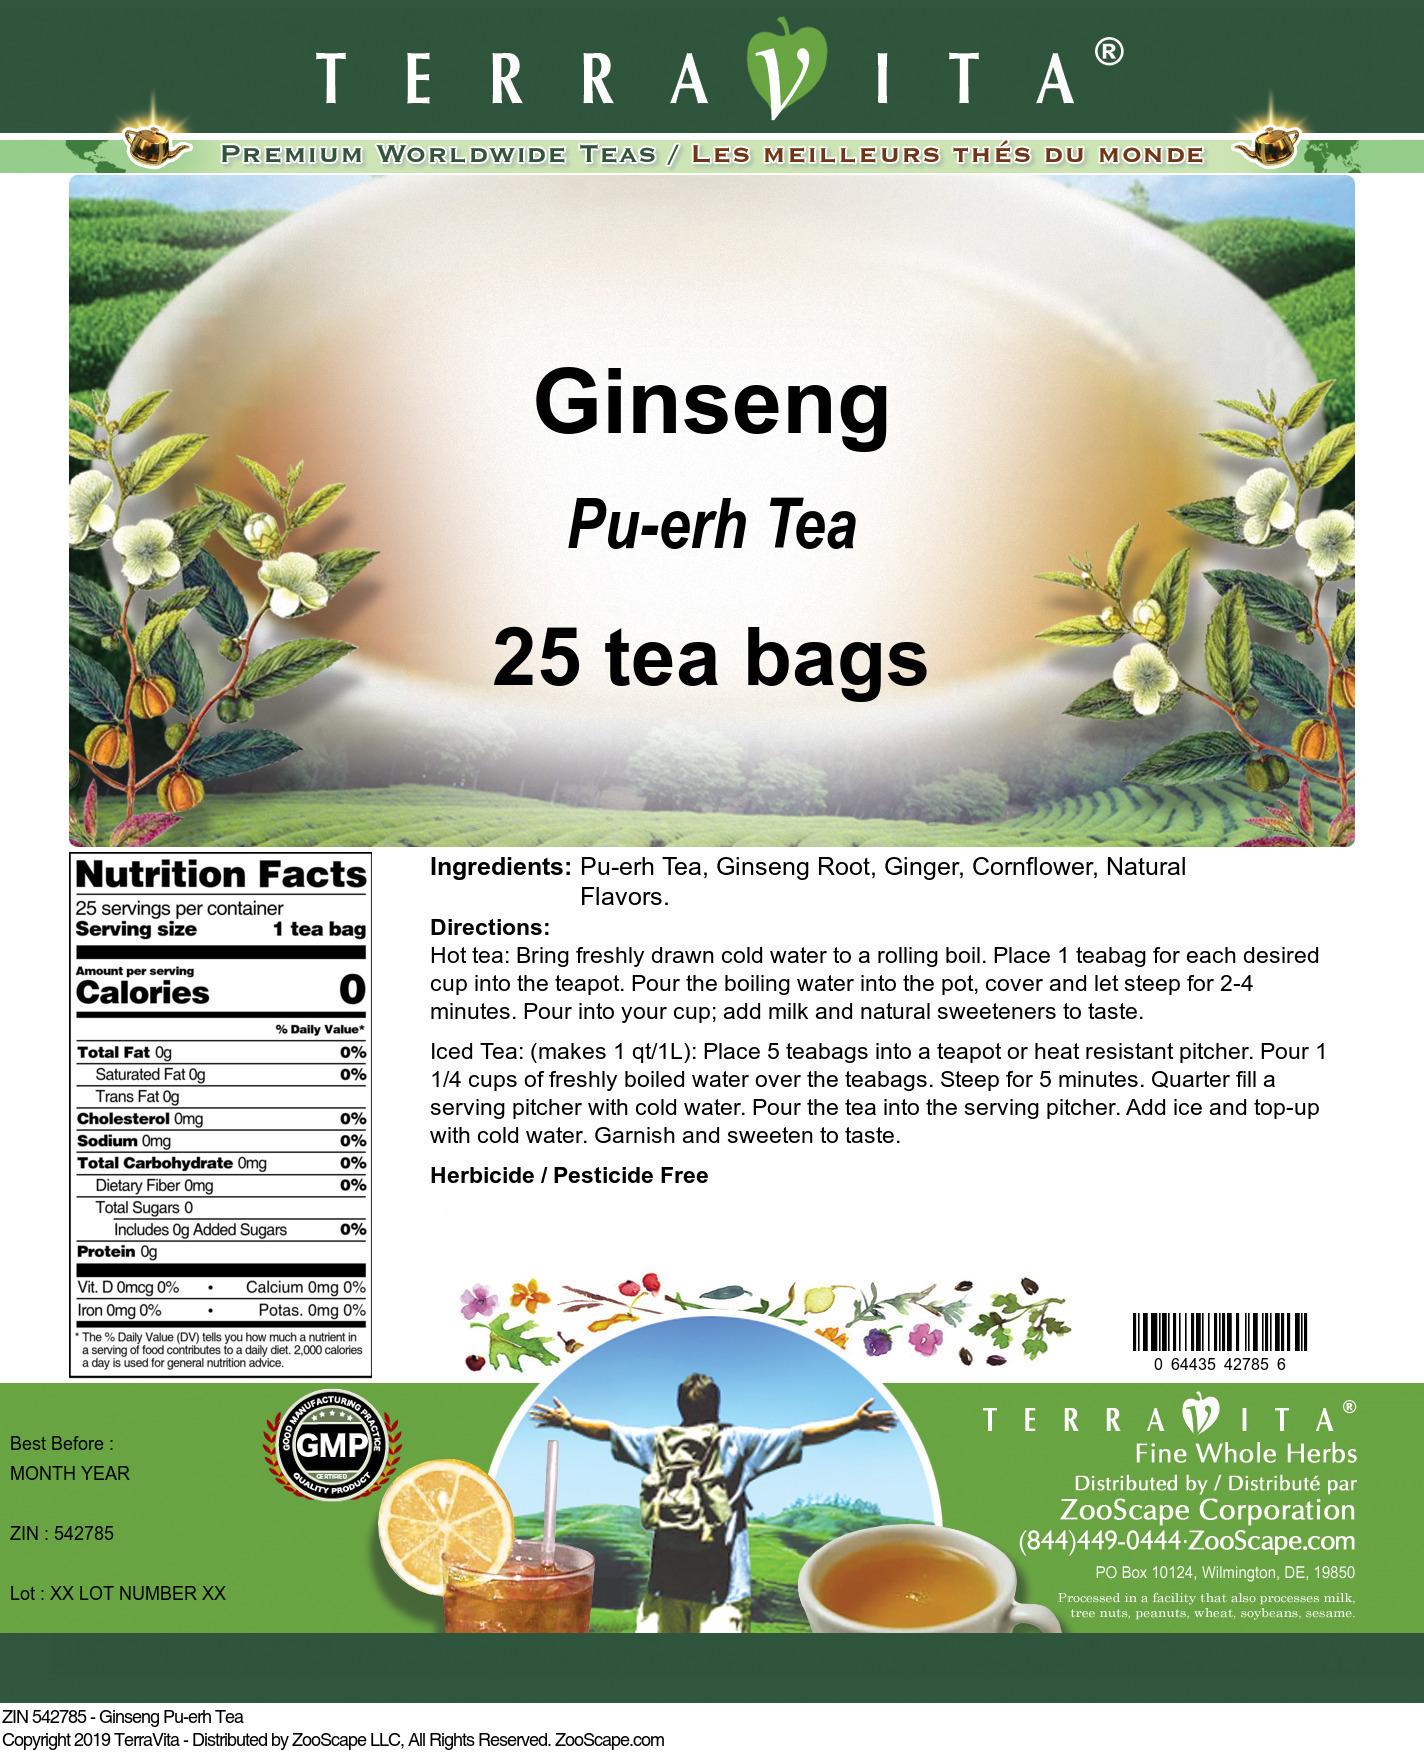 Ginseng Pu-erh Tea